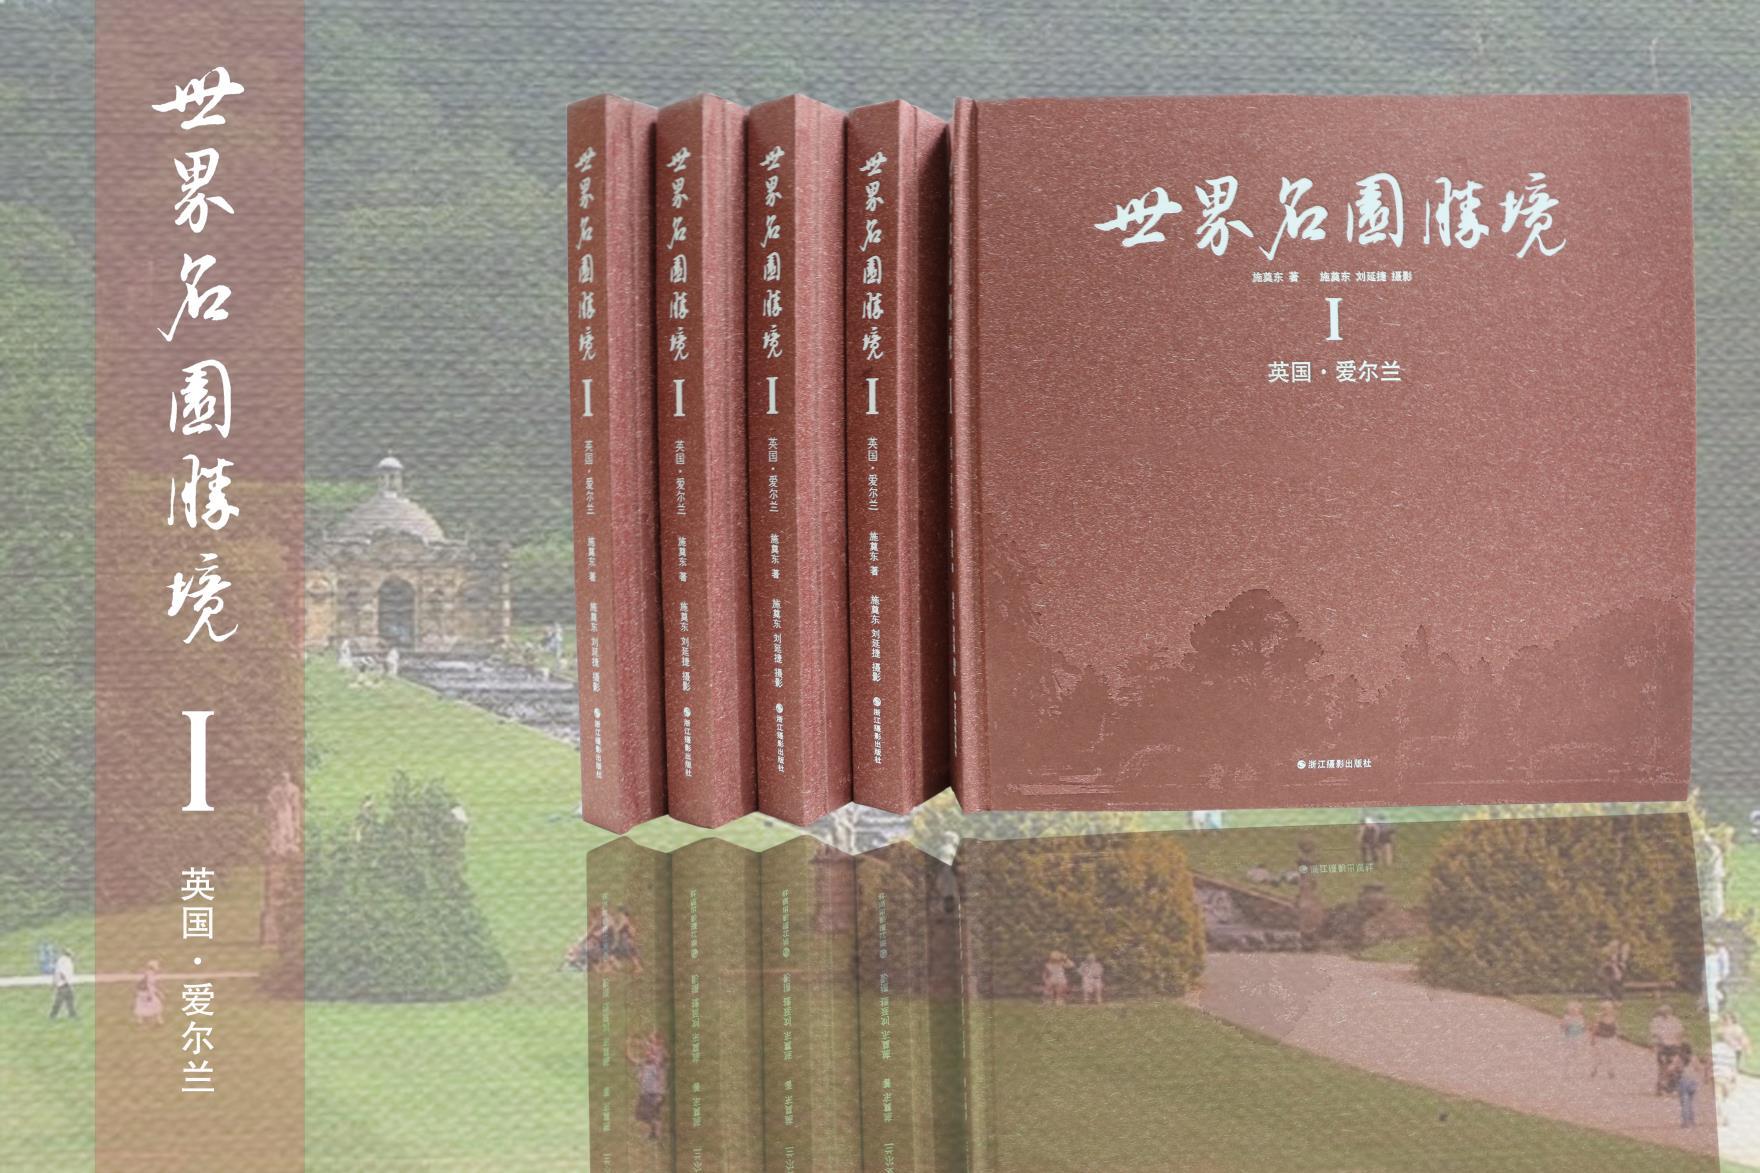 《世界名园胜境·第一卷》.jpg